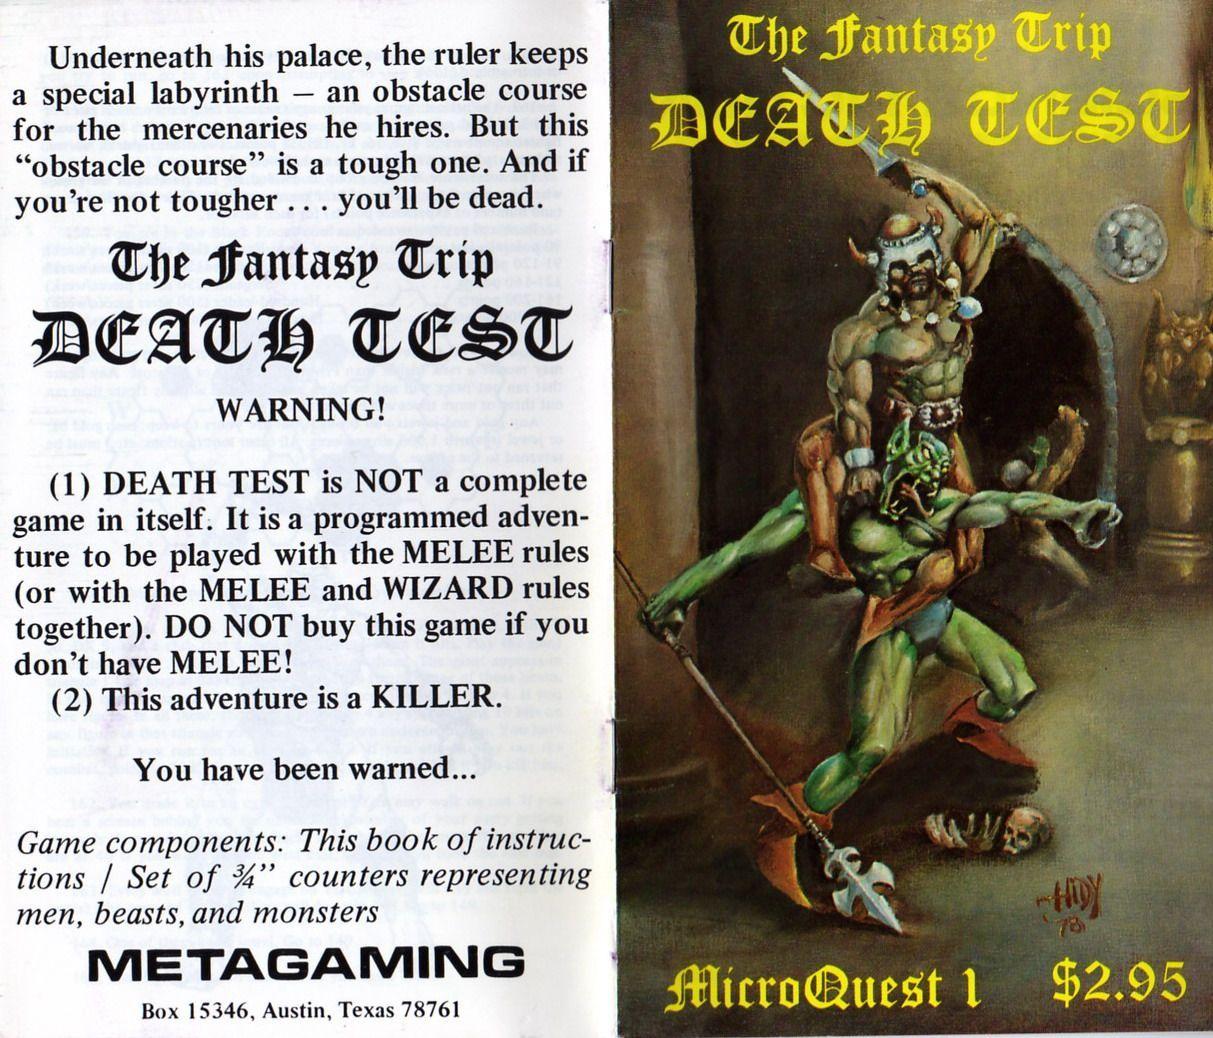 Death Test